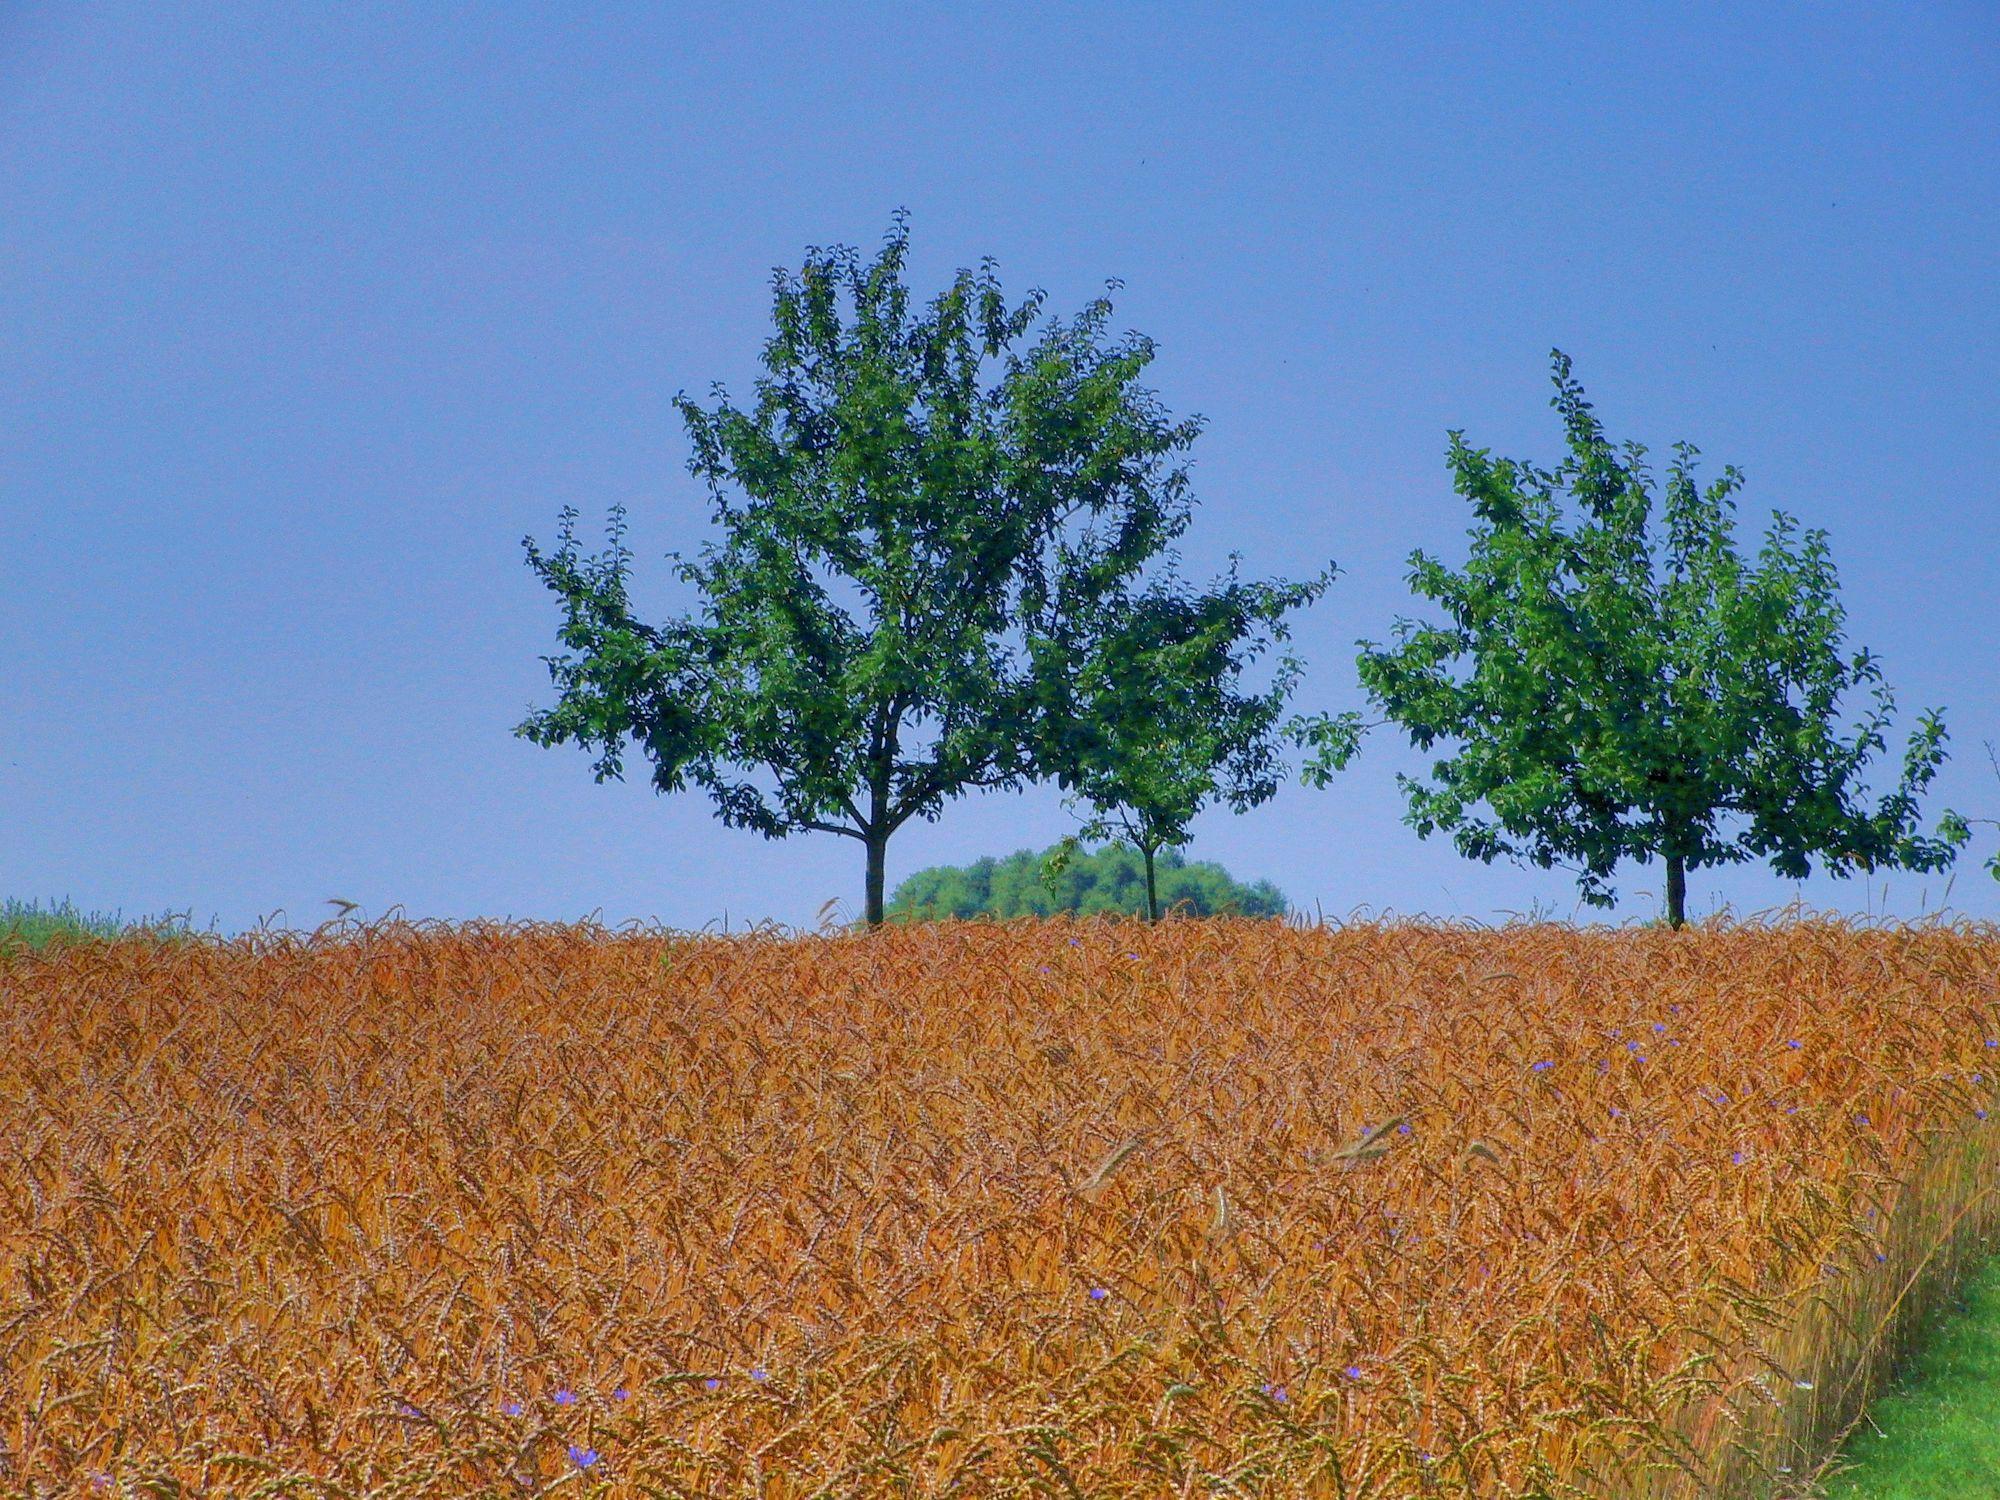 Bild mit Natur, Pflanzen, Gräser, Landschaften, Himmel, Bäume, Weiden und Wiesen, Architektur, Bauwerke, Gebäude, Bauernhöfe, Buschland